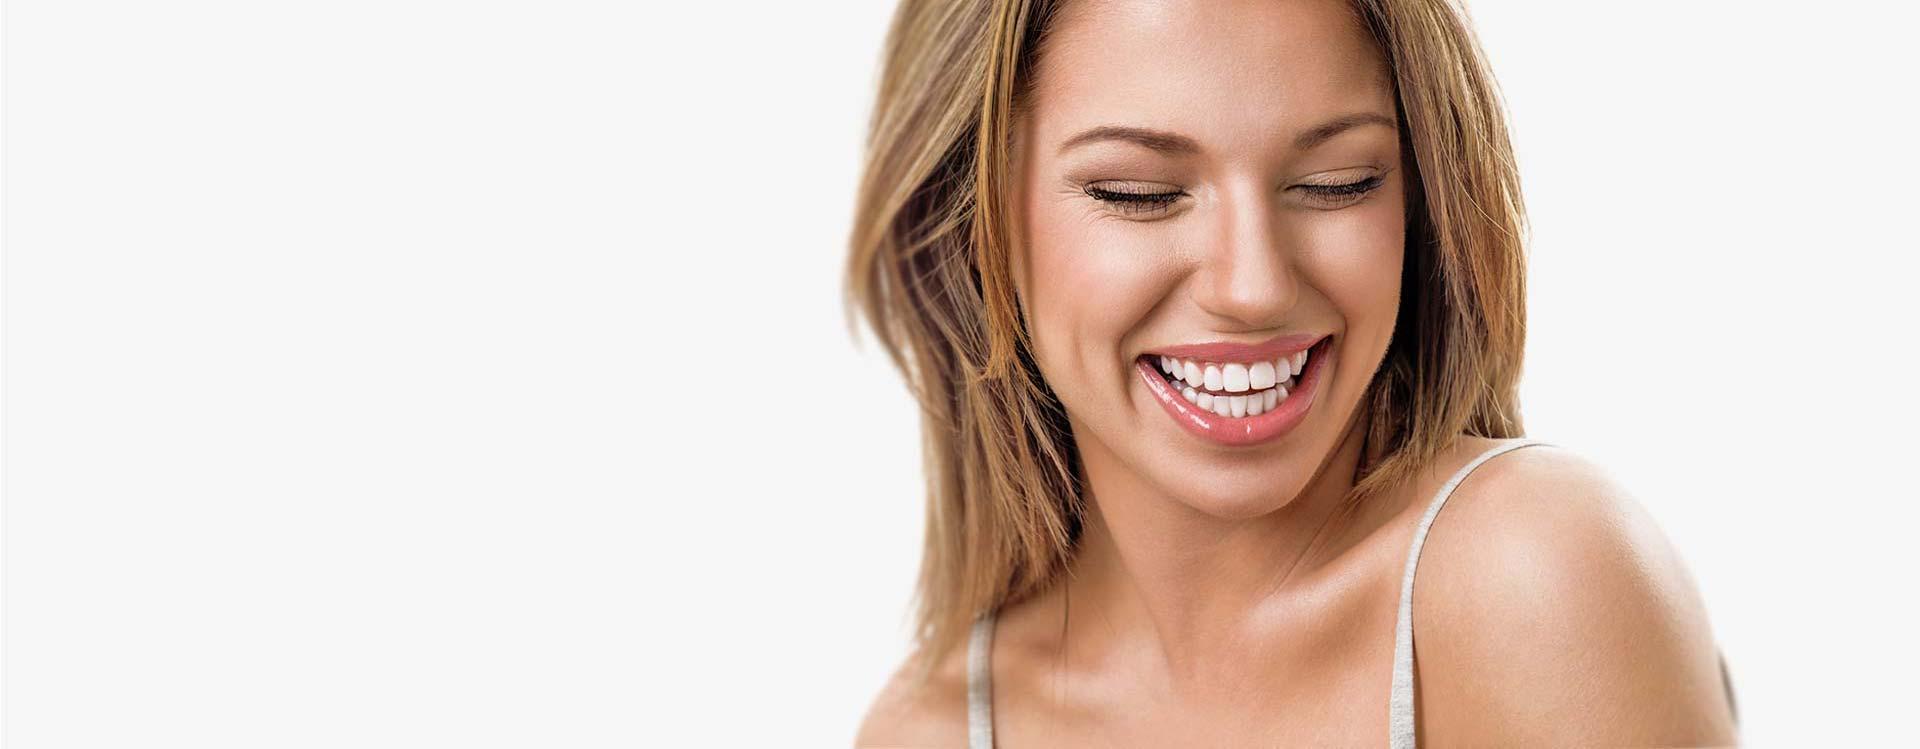 Мы создаем</br> безупречные улыбки